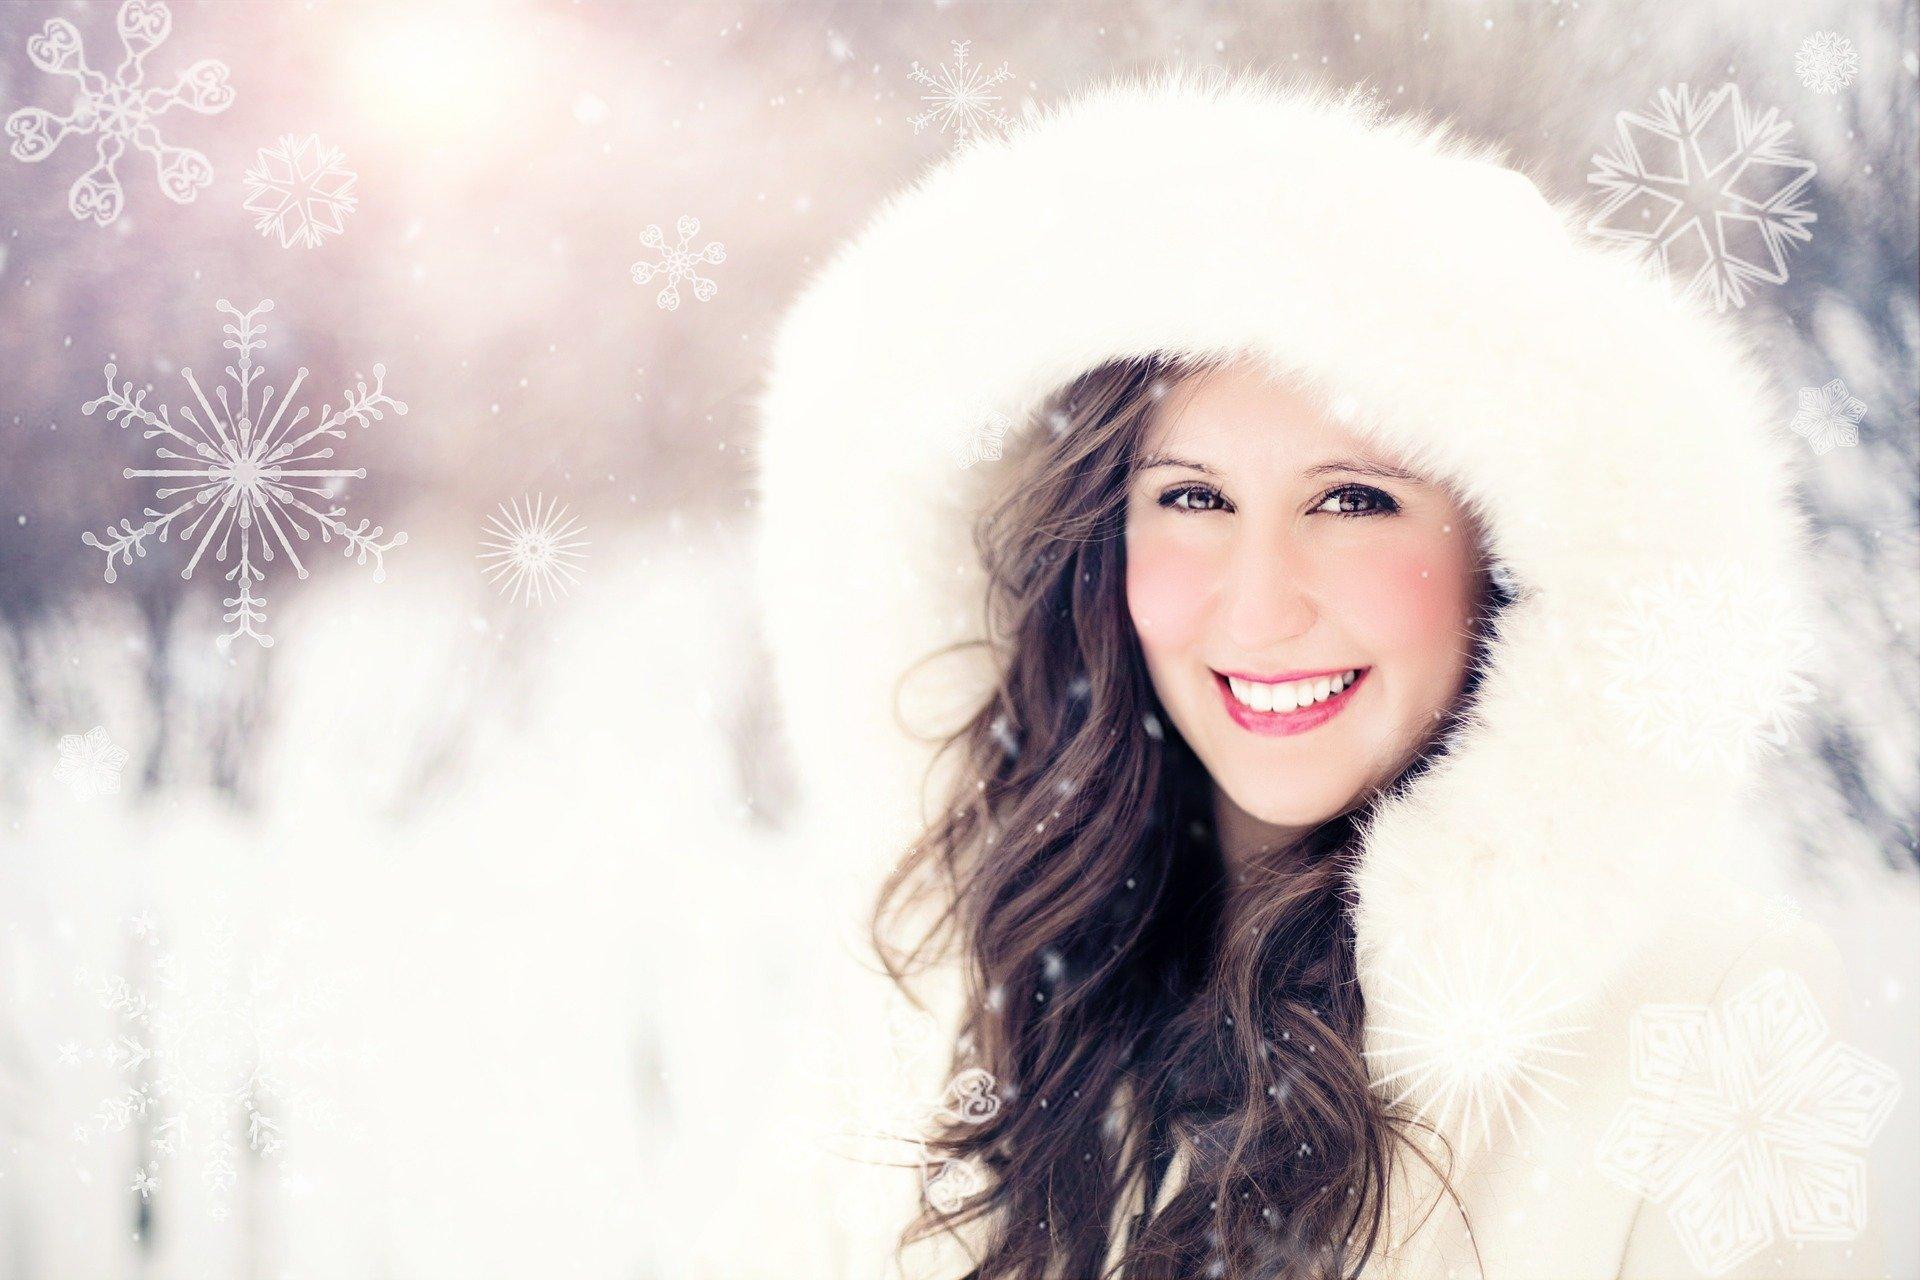 Przyjechała zima wozem, zimowy wierszyk dla dzieci